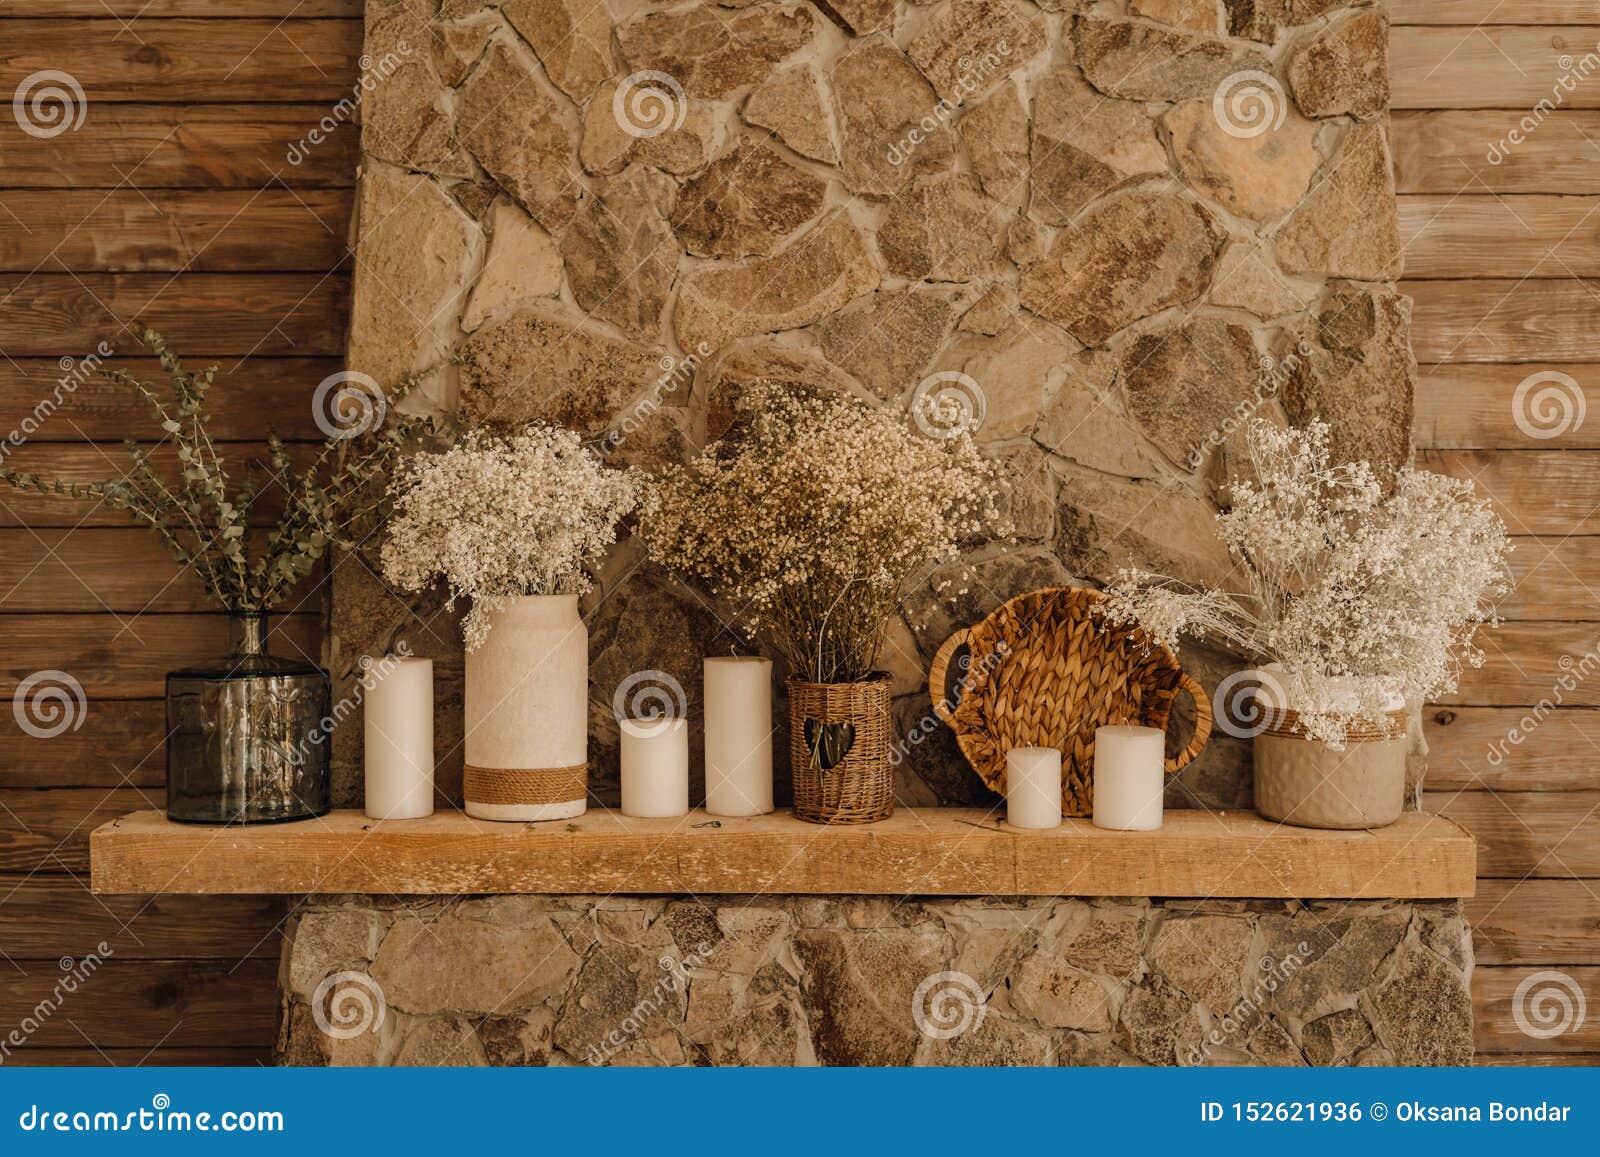 Interieur De Salon De Decor De Manteau De Cheminee De Cheminee Photo Stock Image Du Salon Manteau 152621936